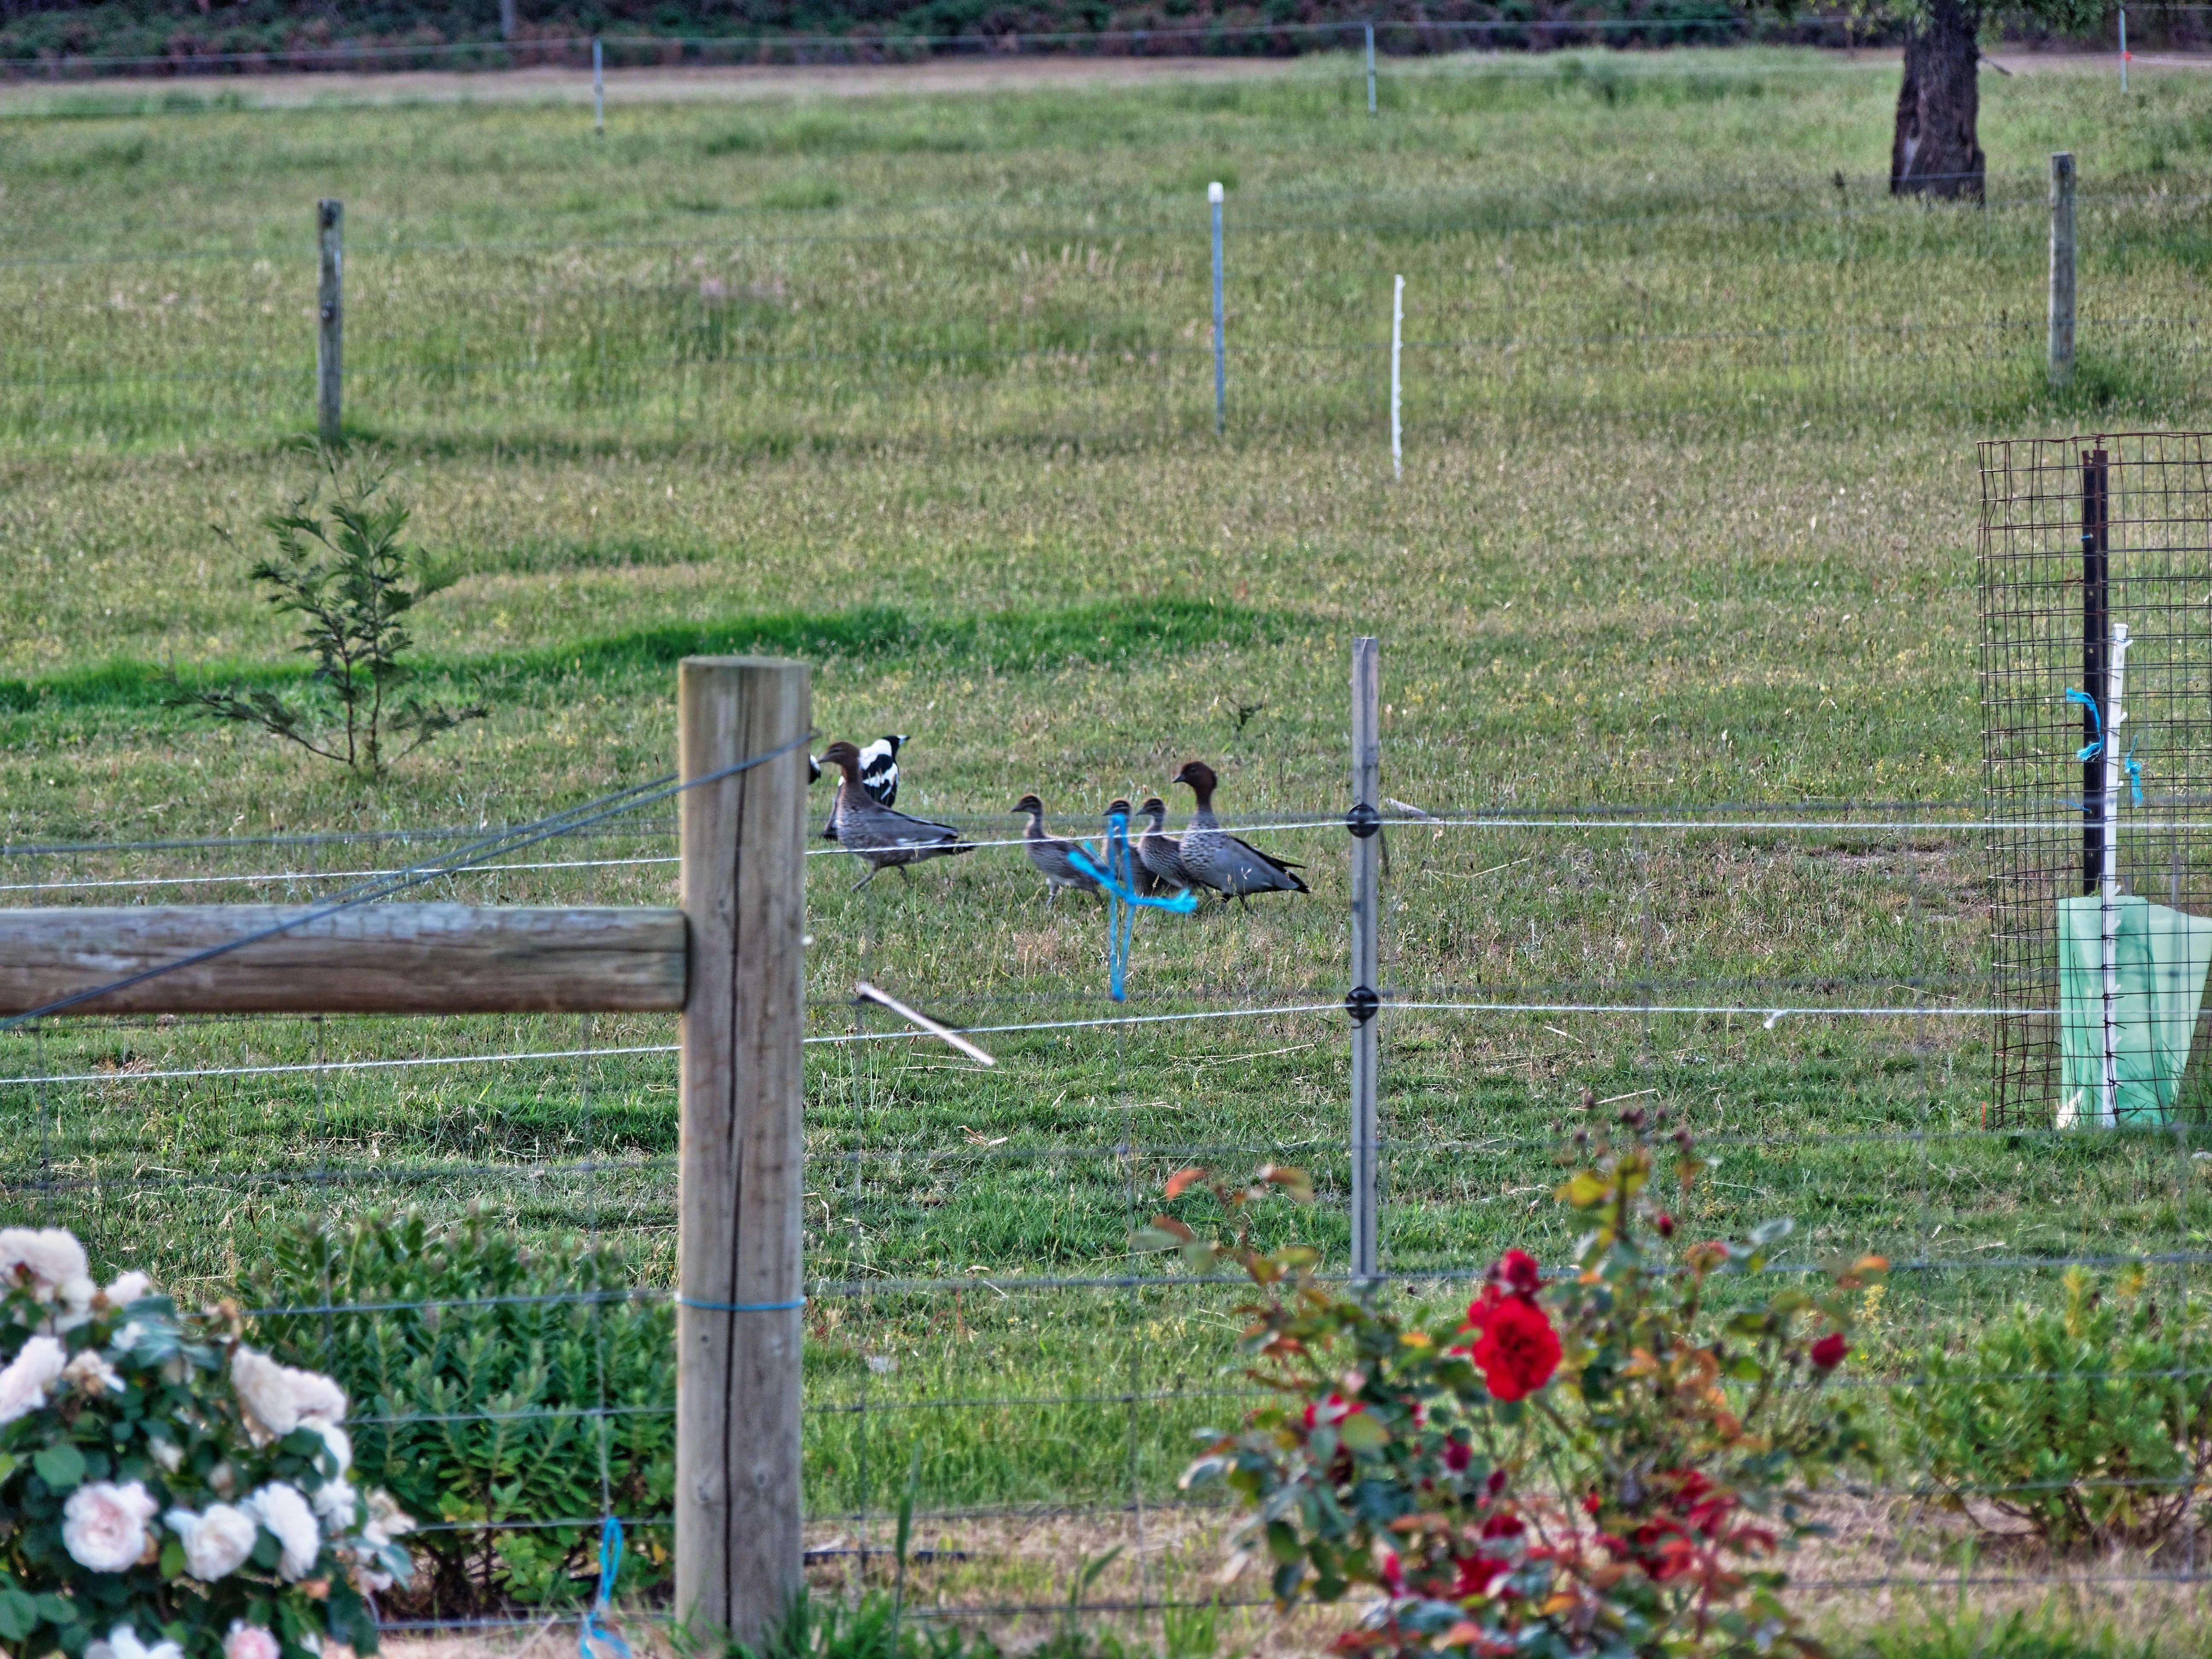 Magpies-and-ducks-12.jpeg